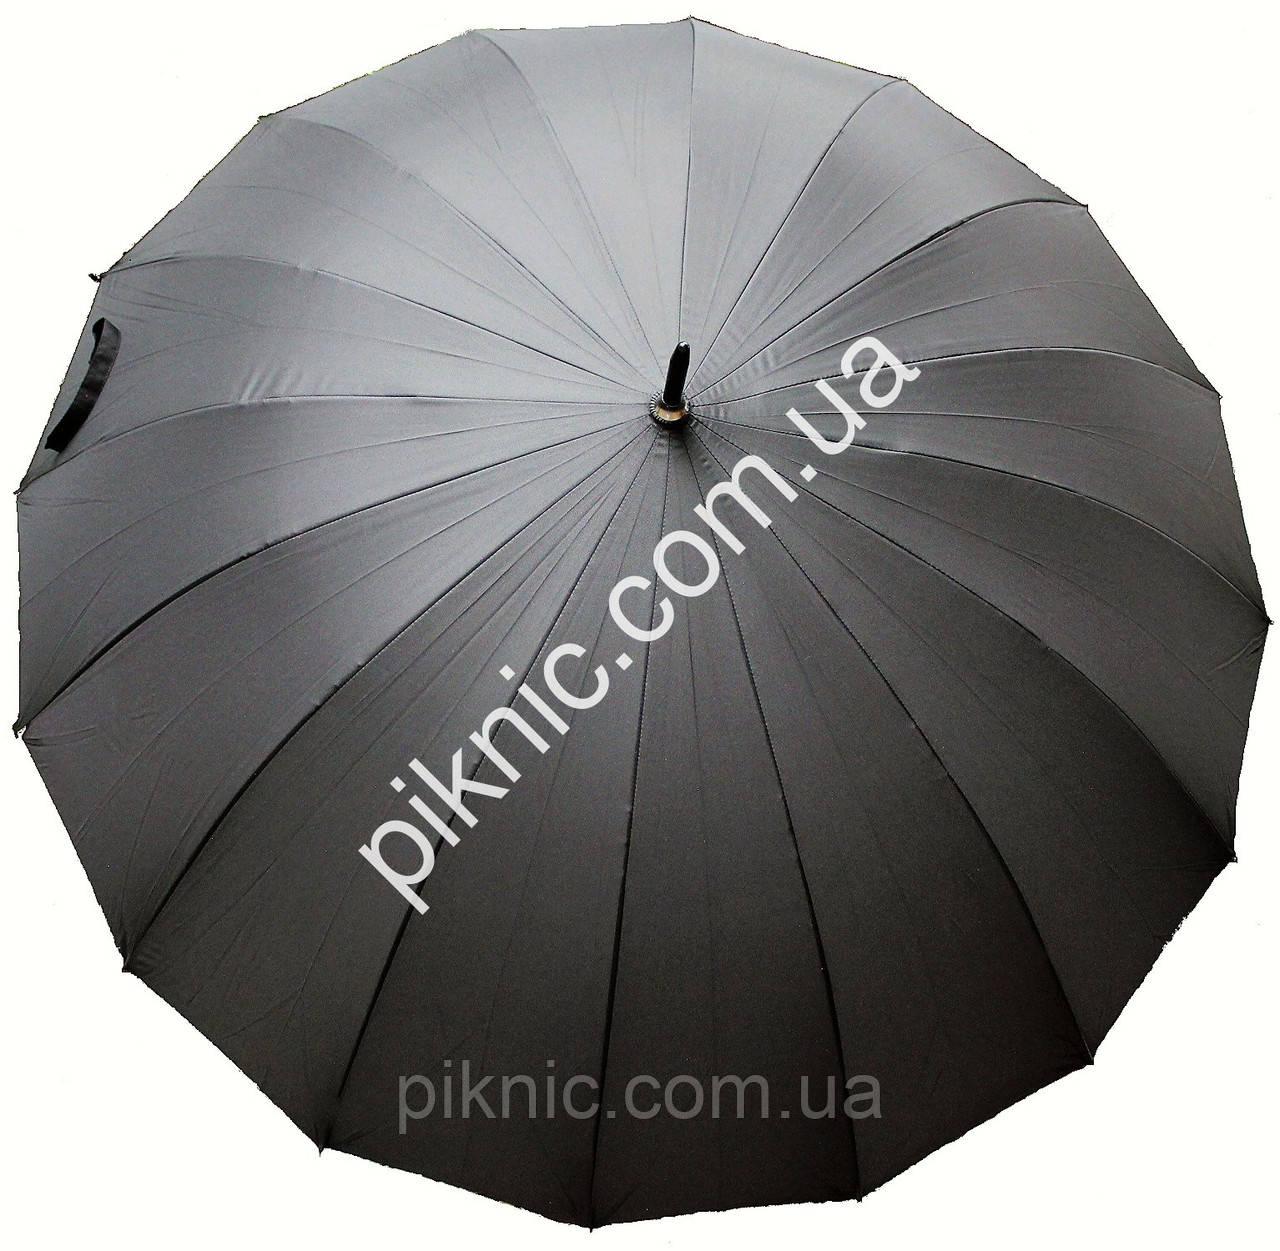 Большой семейный, мужской зонт трость. 16 спиц. Антиветер. Диаметр купола 120 см. Ручка крюк